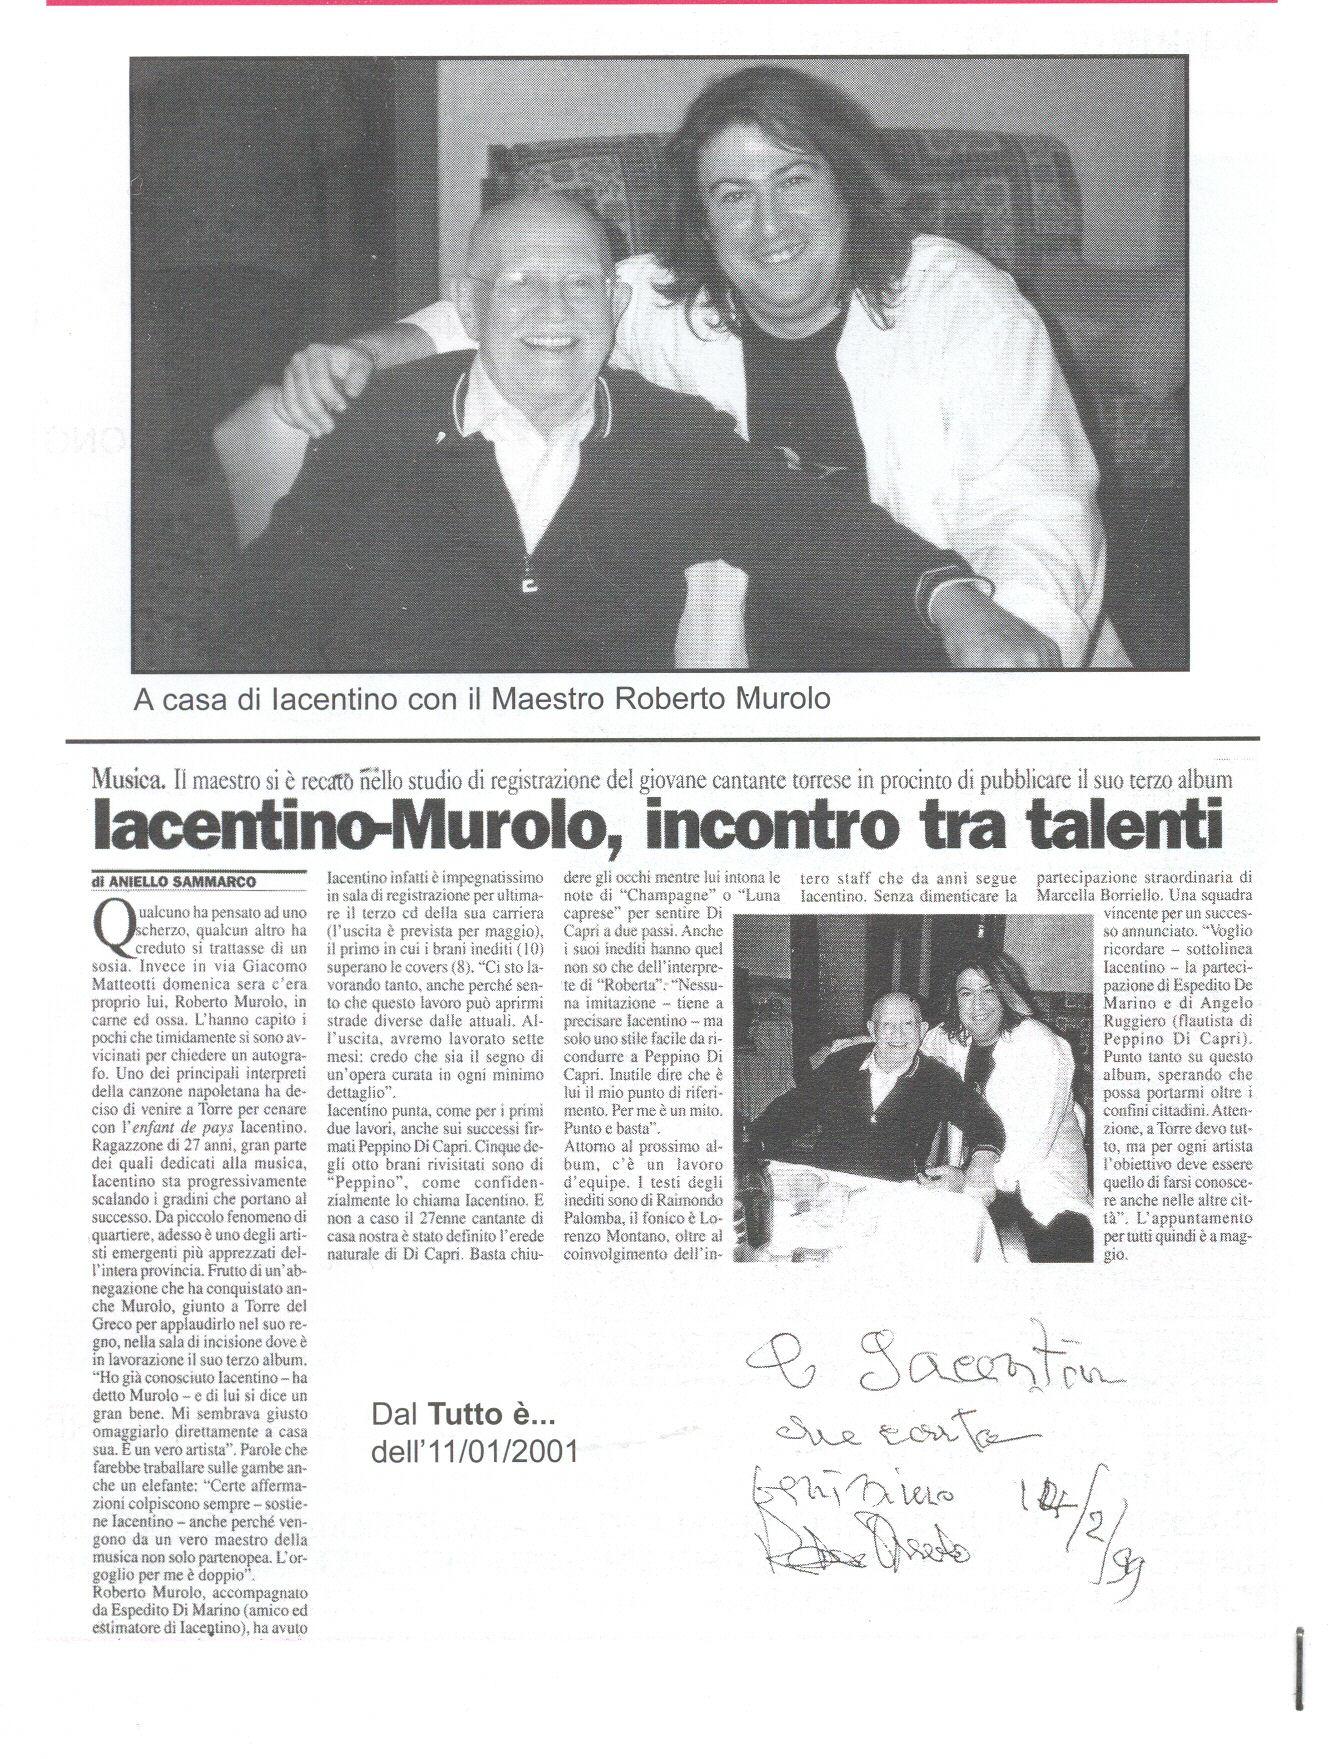 Iacentino - Murolo : incontro tra talenti